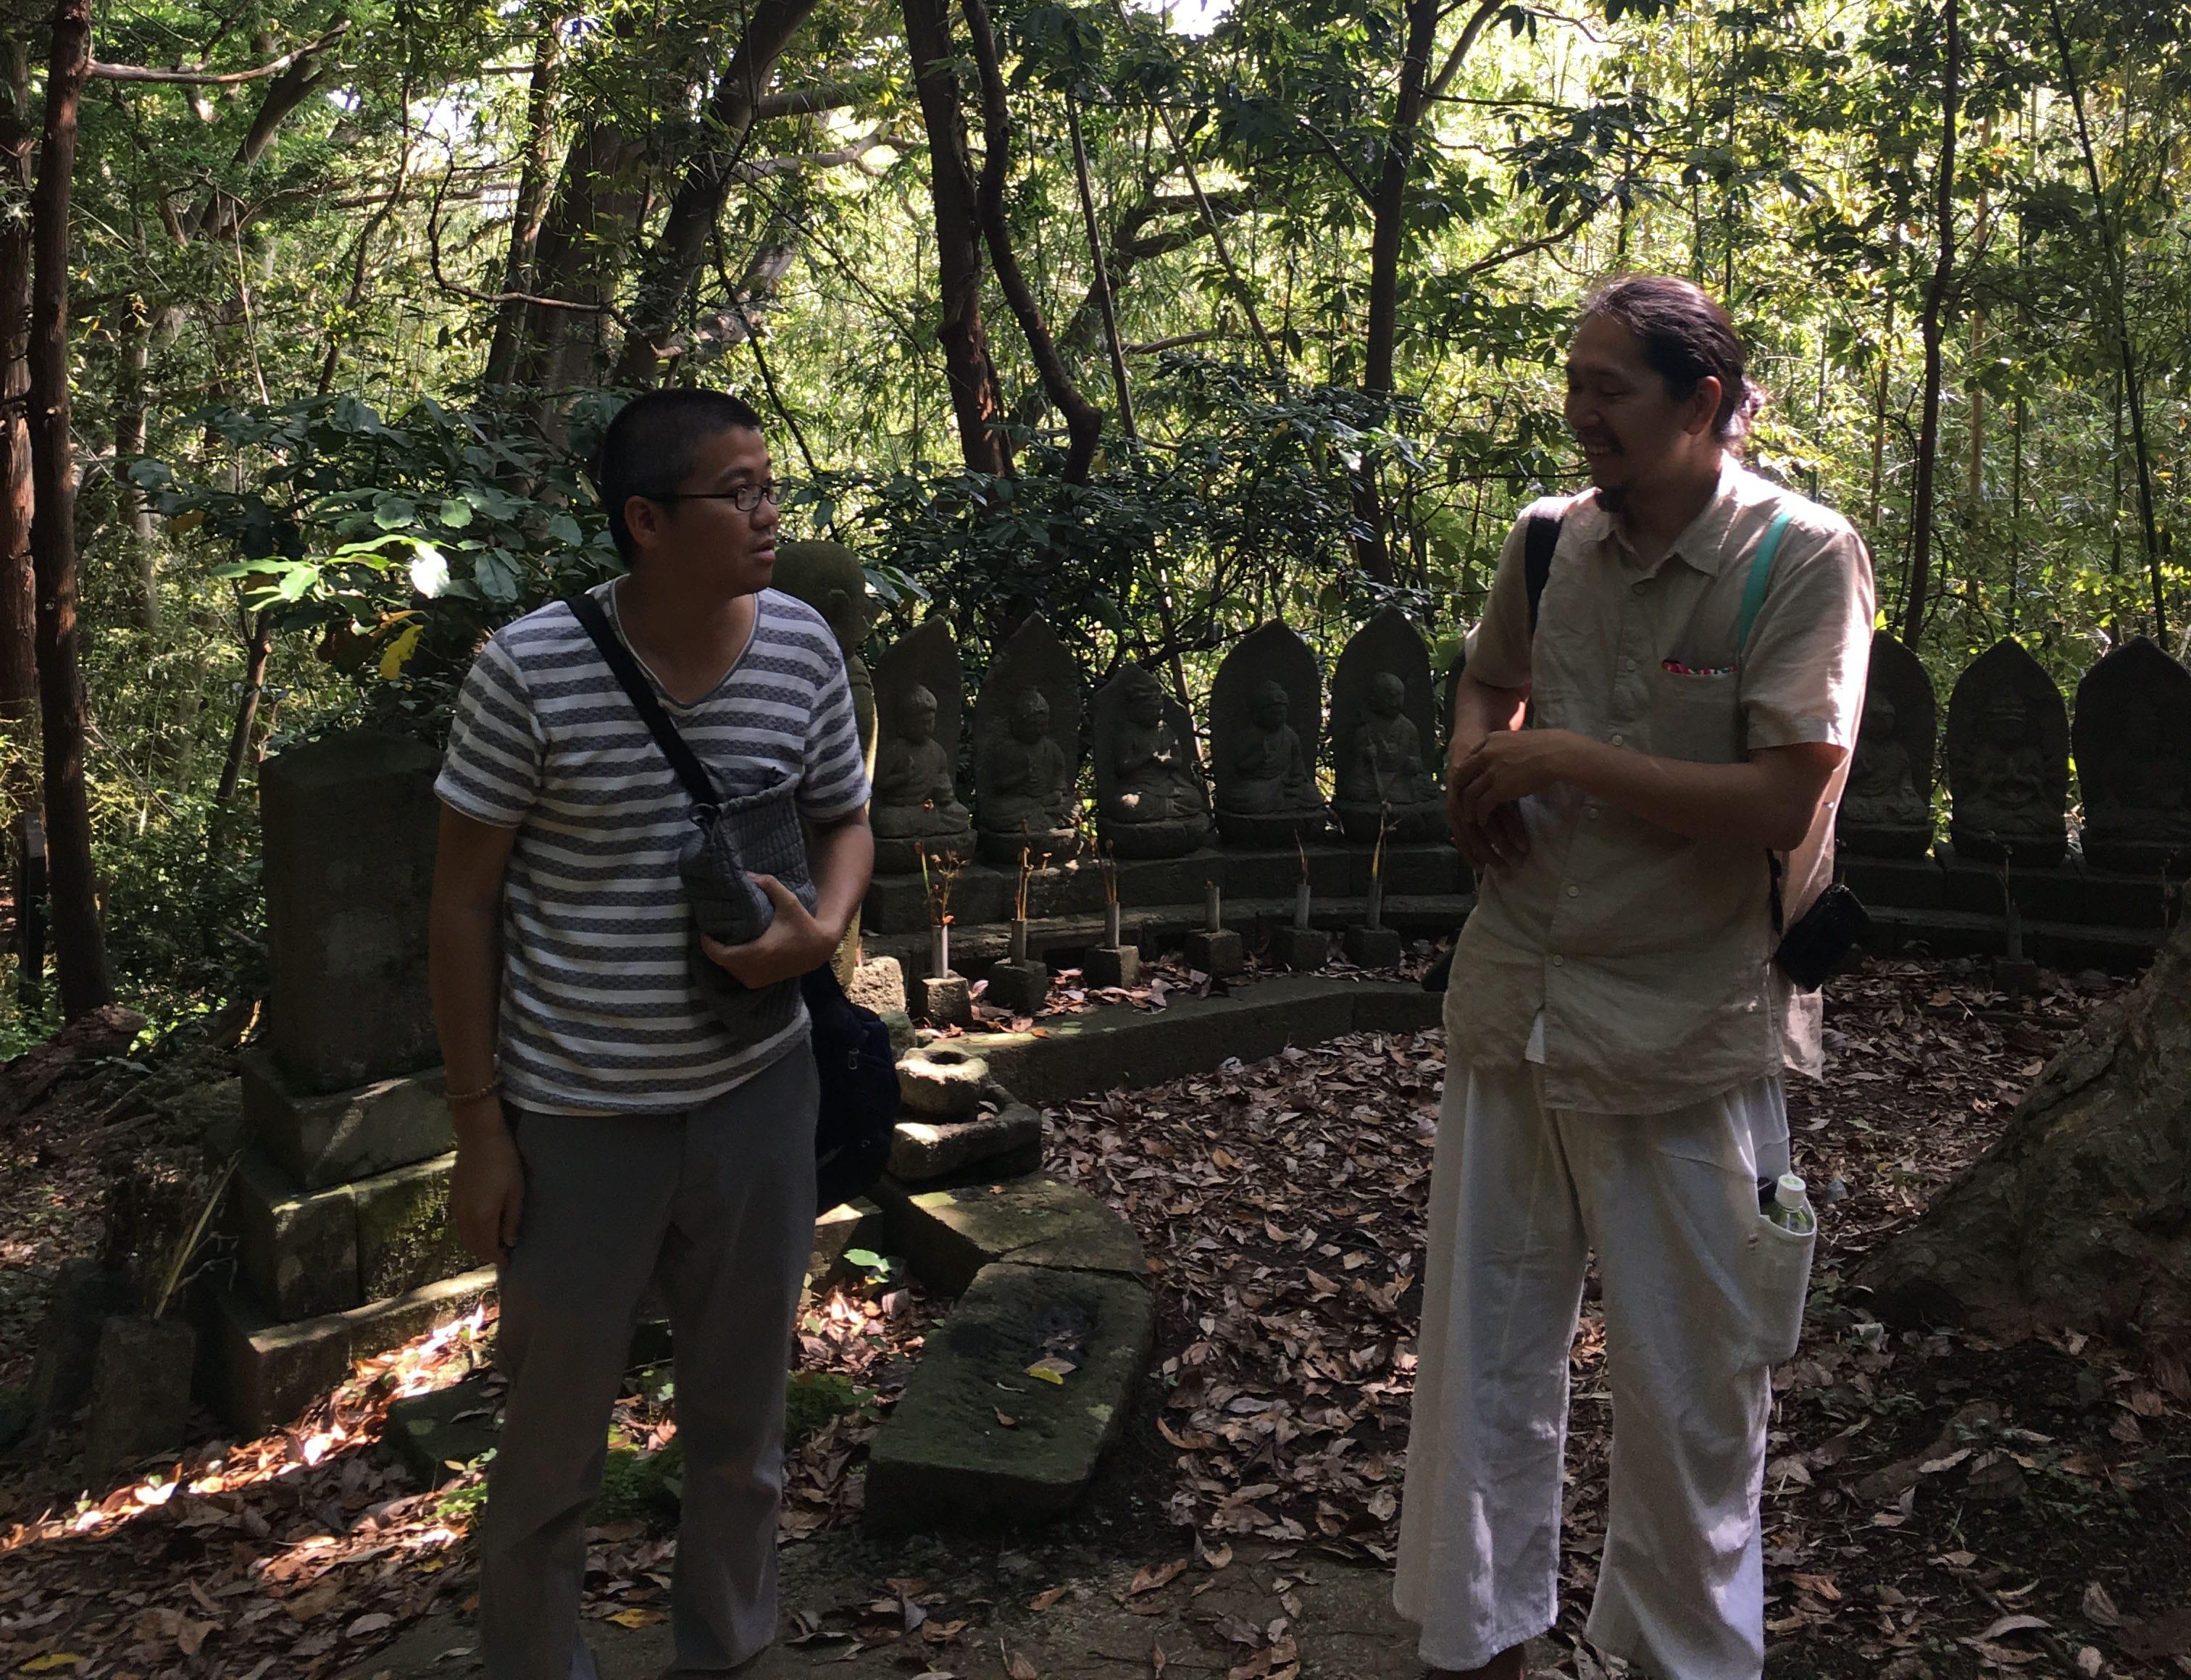 岩屋山石窟。縄文時代に生活空間だった場所が、中世以降に神域になったと考えられている。左が梶井照陰さん、右が坂本大三郎さん。私の今回の旅の目的のひとつは、この二人を会わせることでもあった。